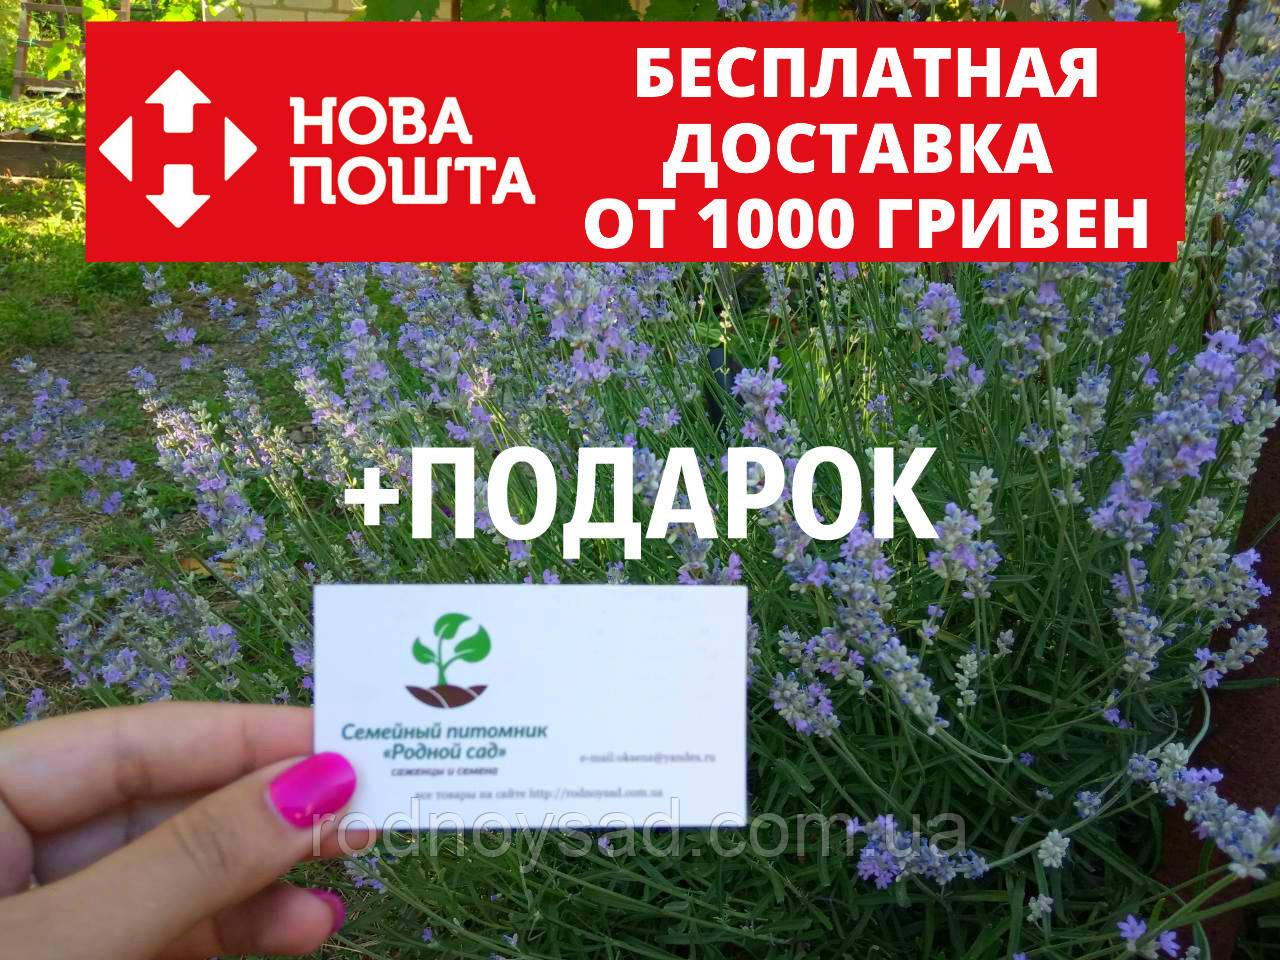 Лаванда настоящая семена (20 шт) леванда, лавенда, цветная трава насіння  + инструкция + подарок